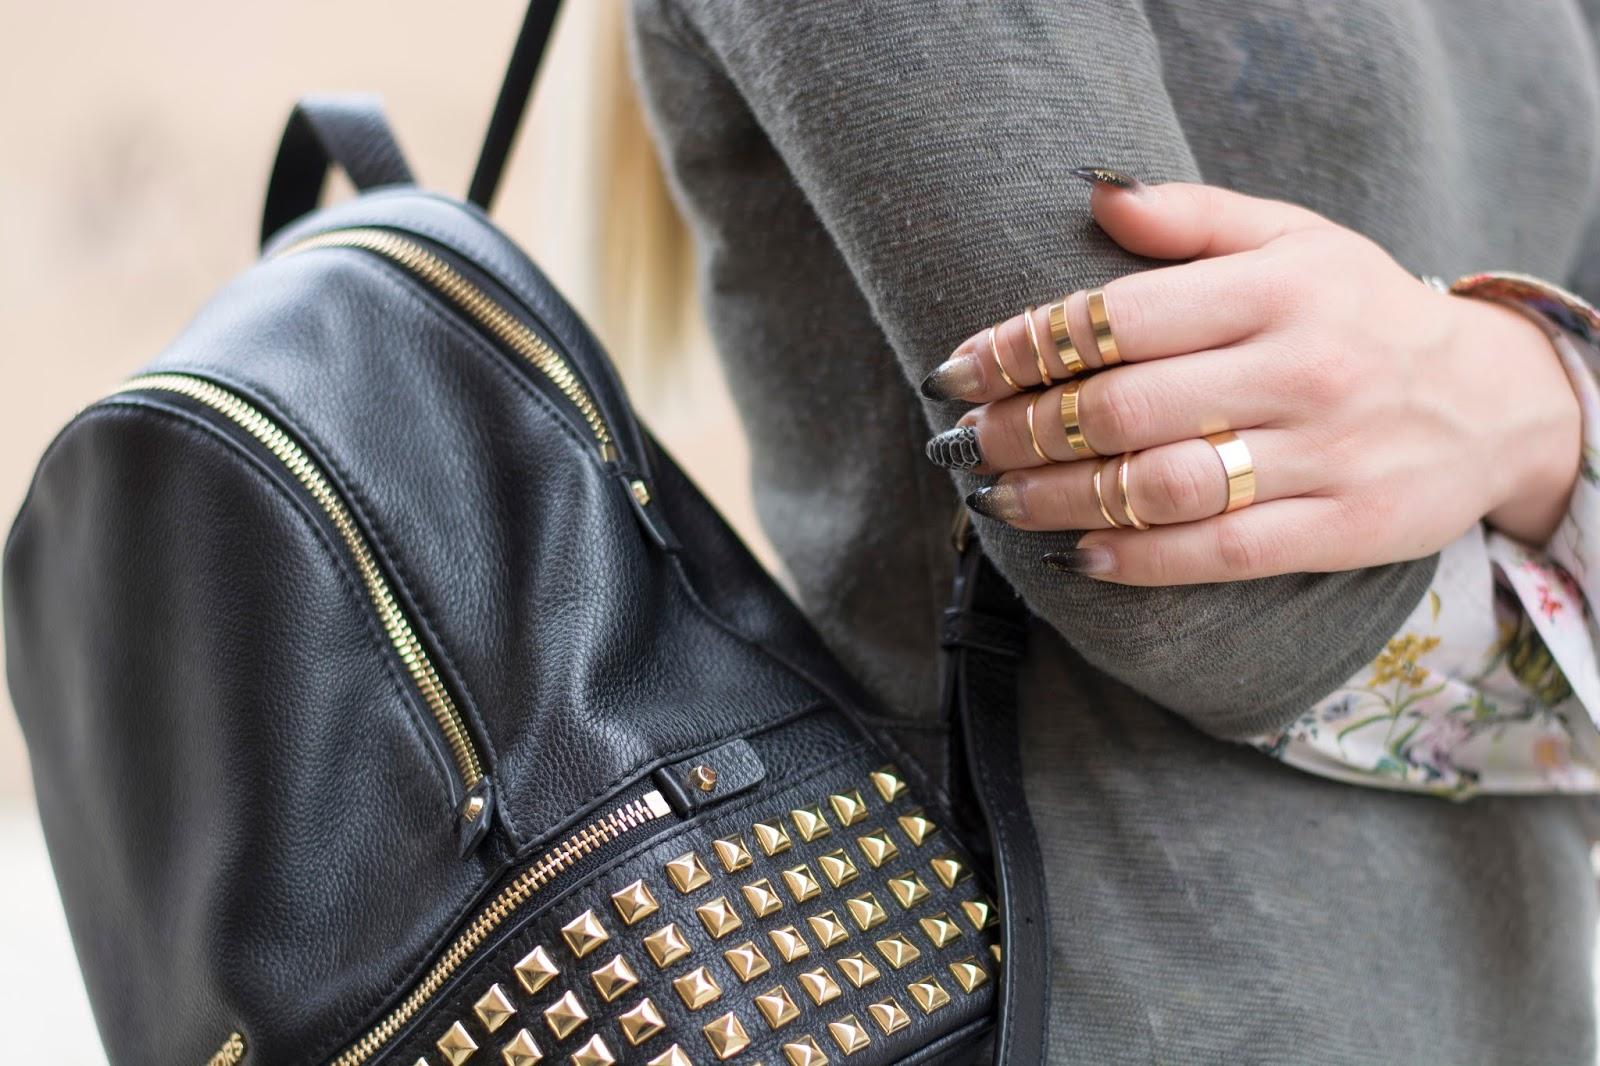 e391dbca713 Adela Ačanski Fashion Blog